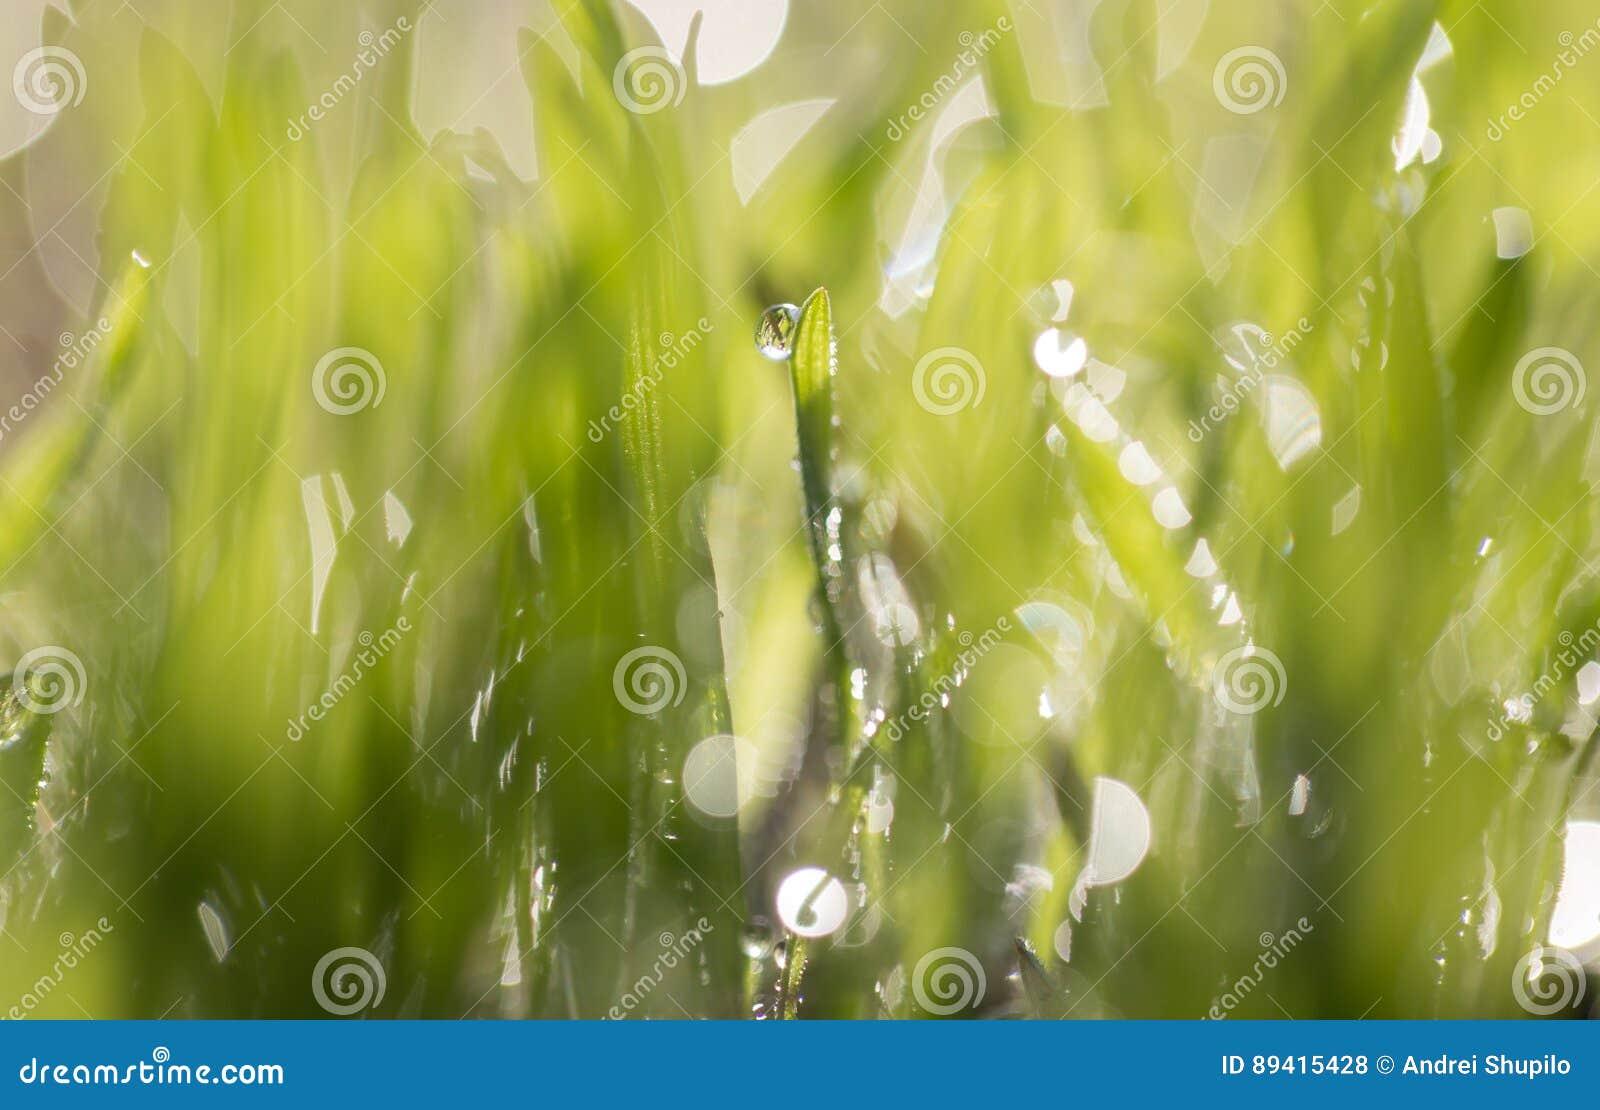 Gotas do orvalho na grama verde